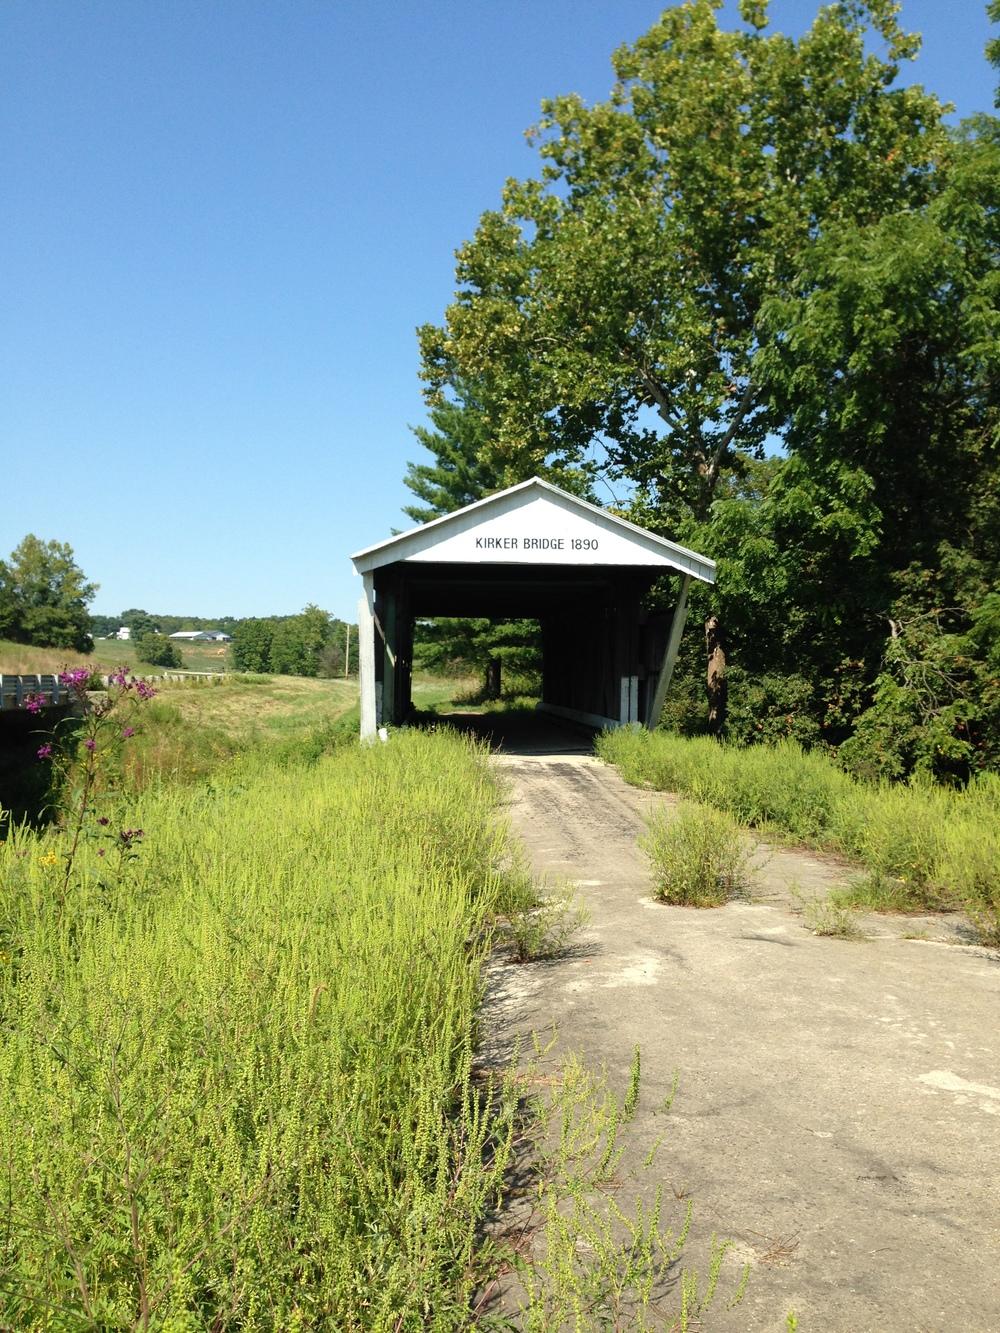 View of Kirker's Bridge